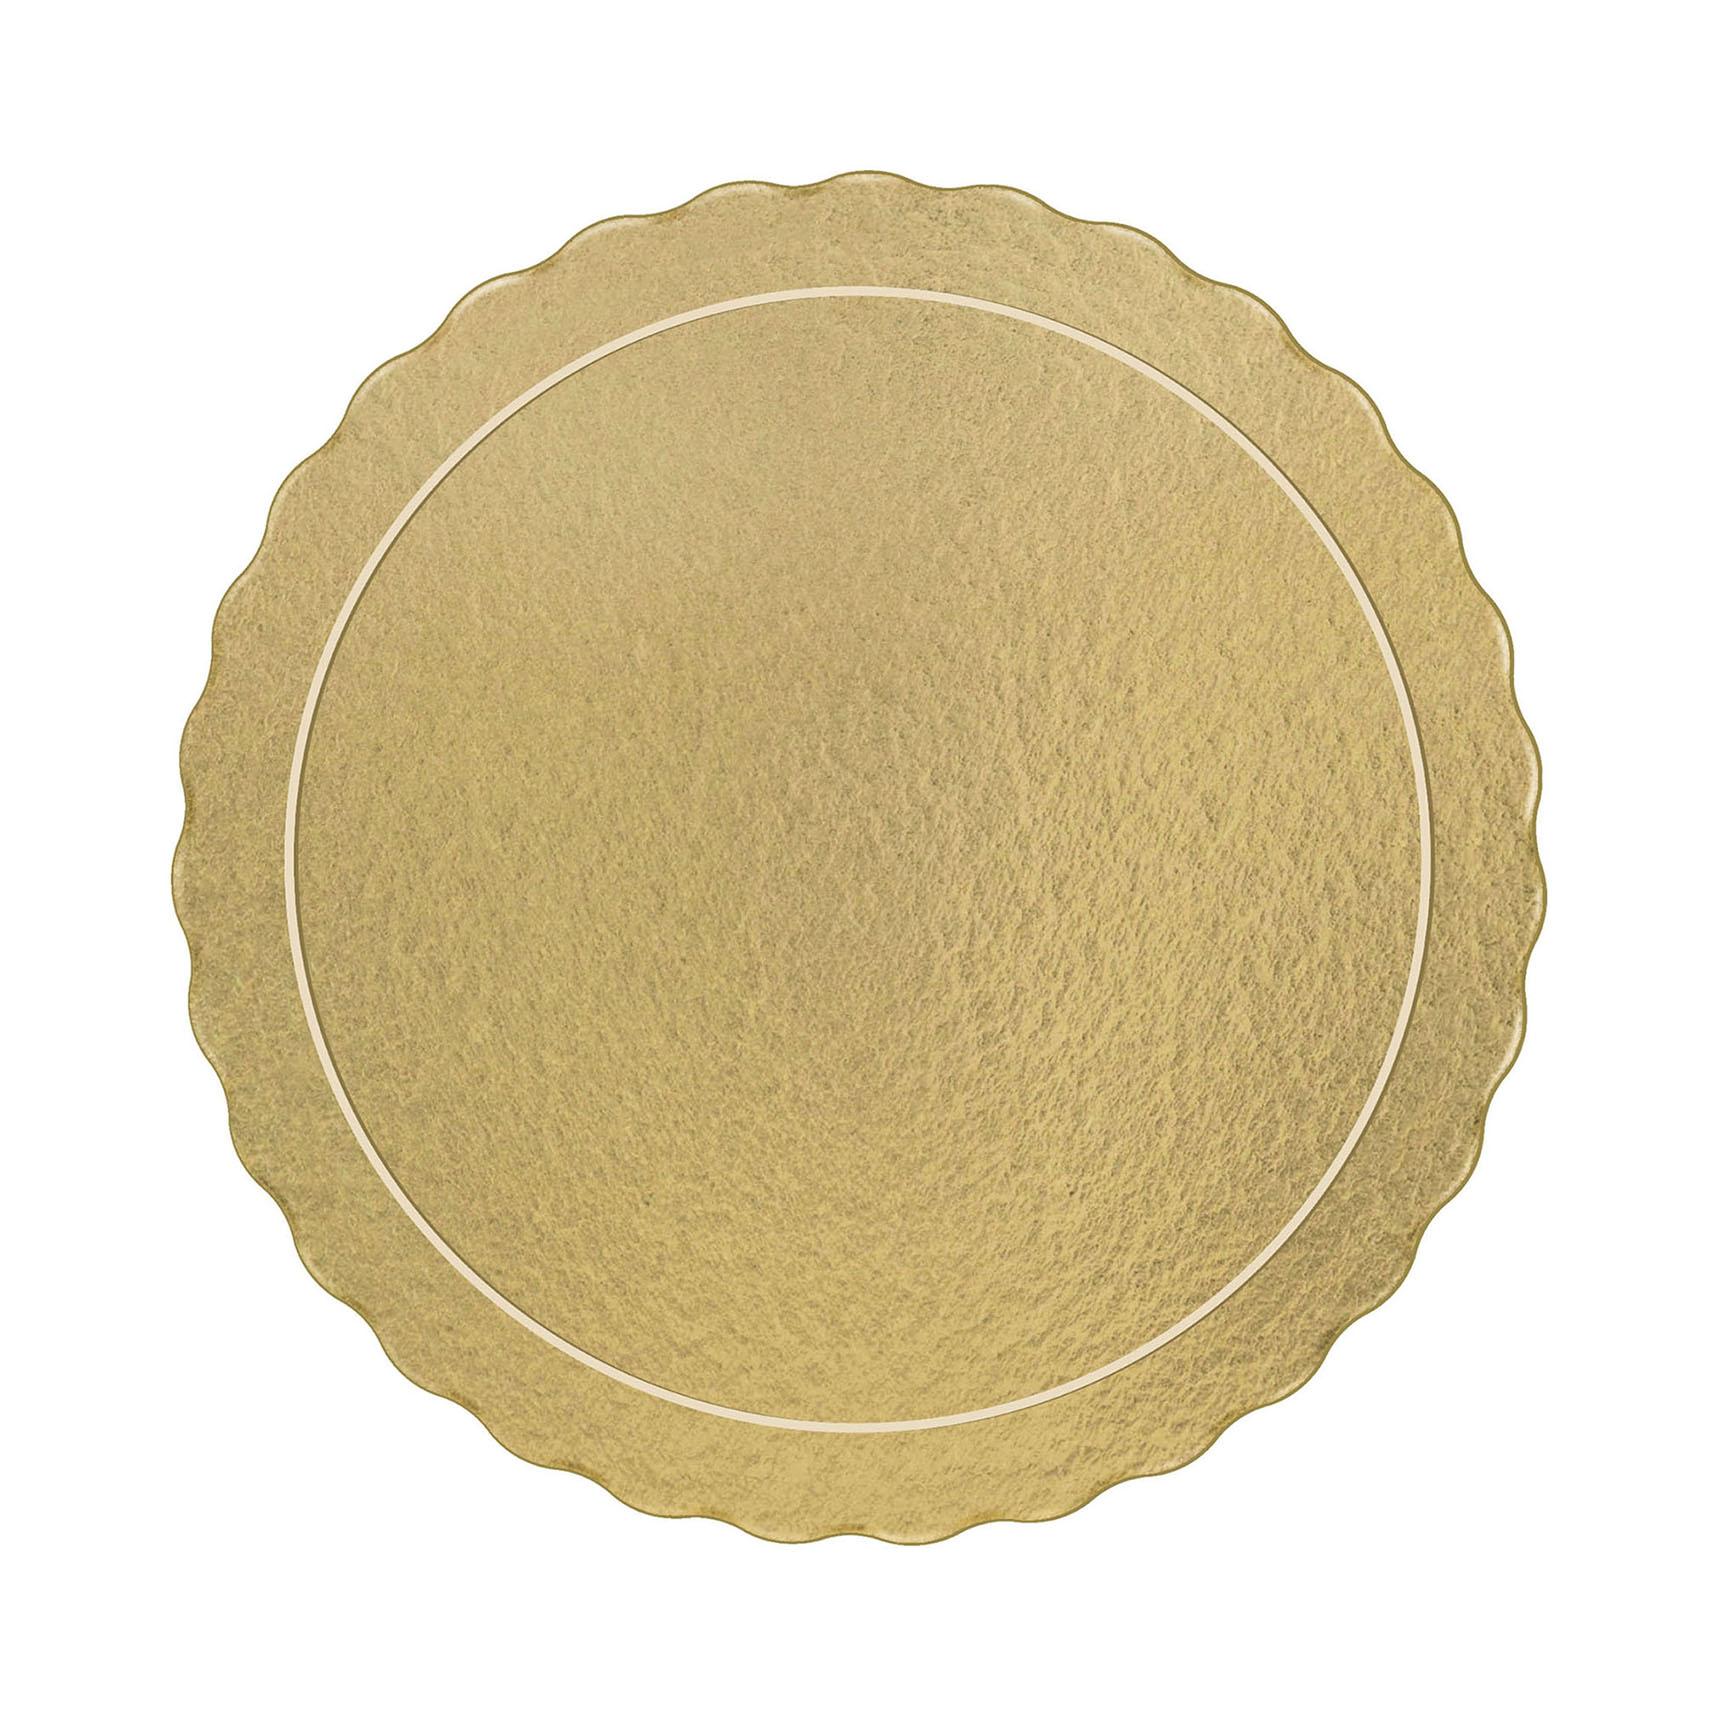 Kit 100 Bases Laminadas Para Bolo, Cake Board, 20 e 25cm - Ouro